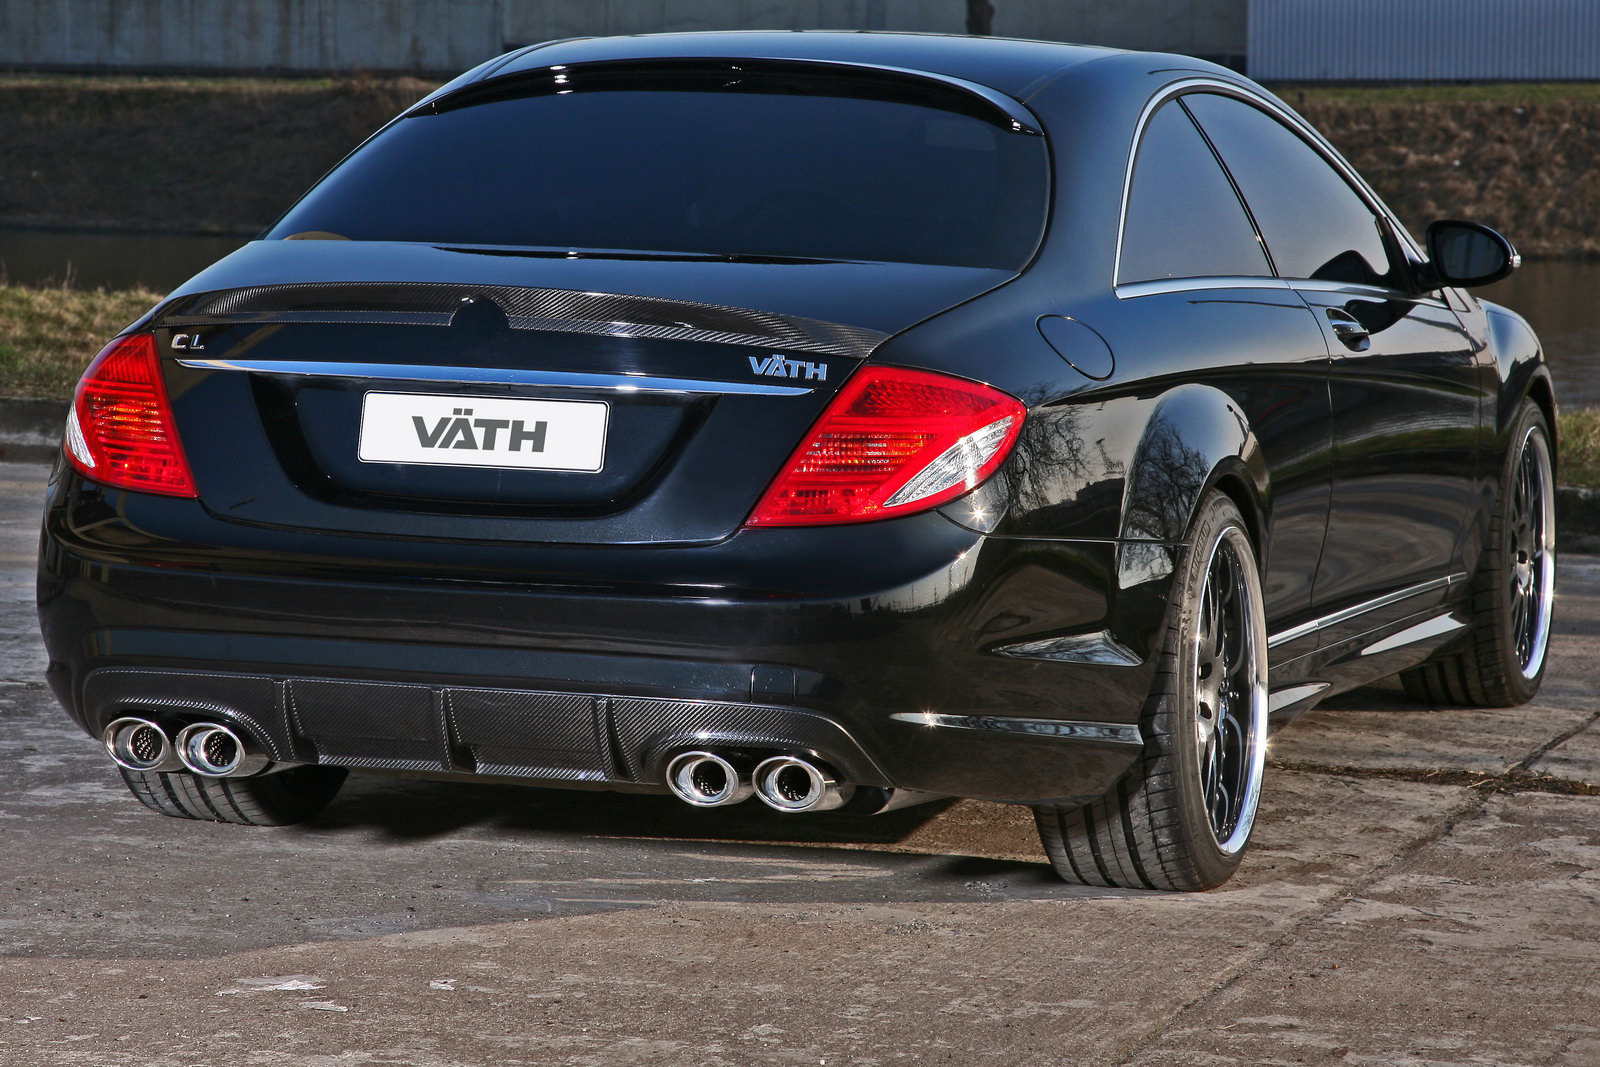 Mercedes-Benz CL500 Coupe VÄTH